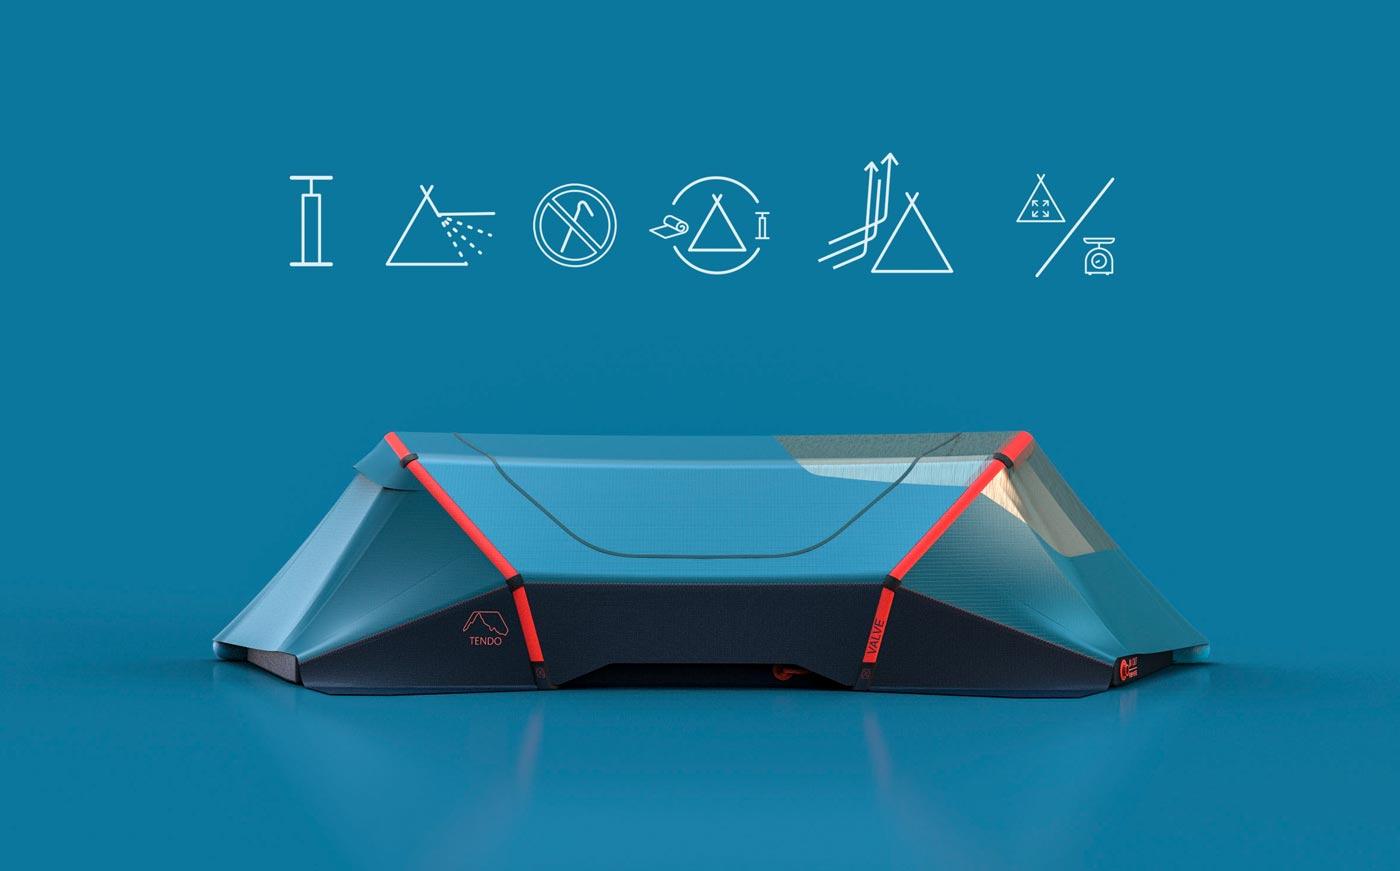 Innovatives aufblasbares Zeltkonzept aus Niedersachsen